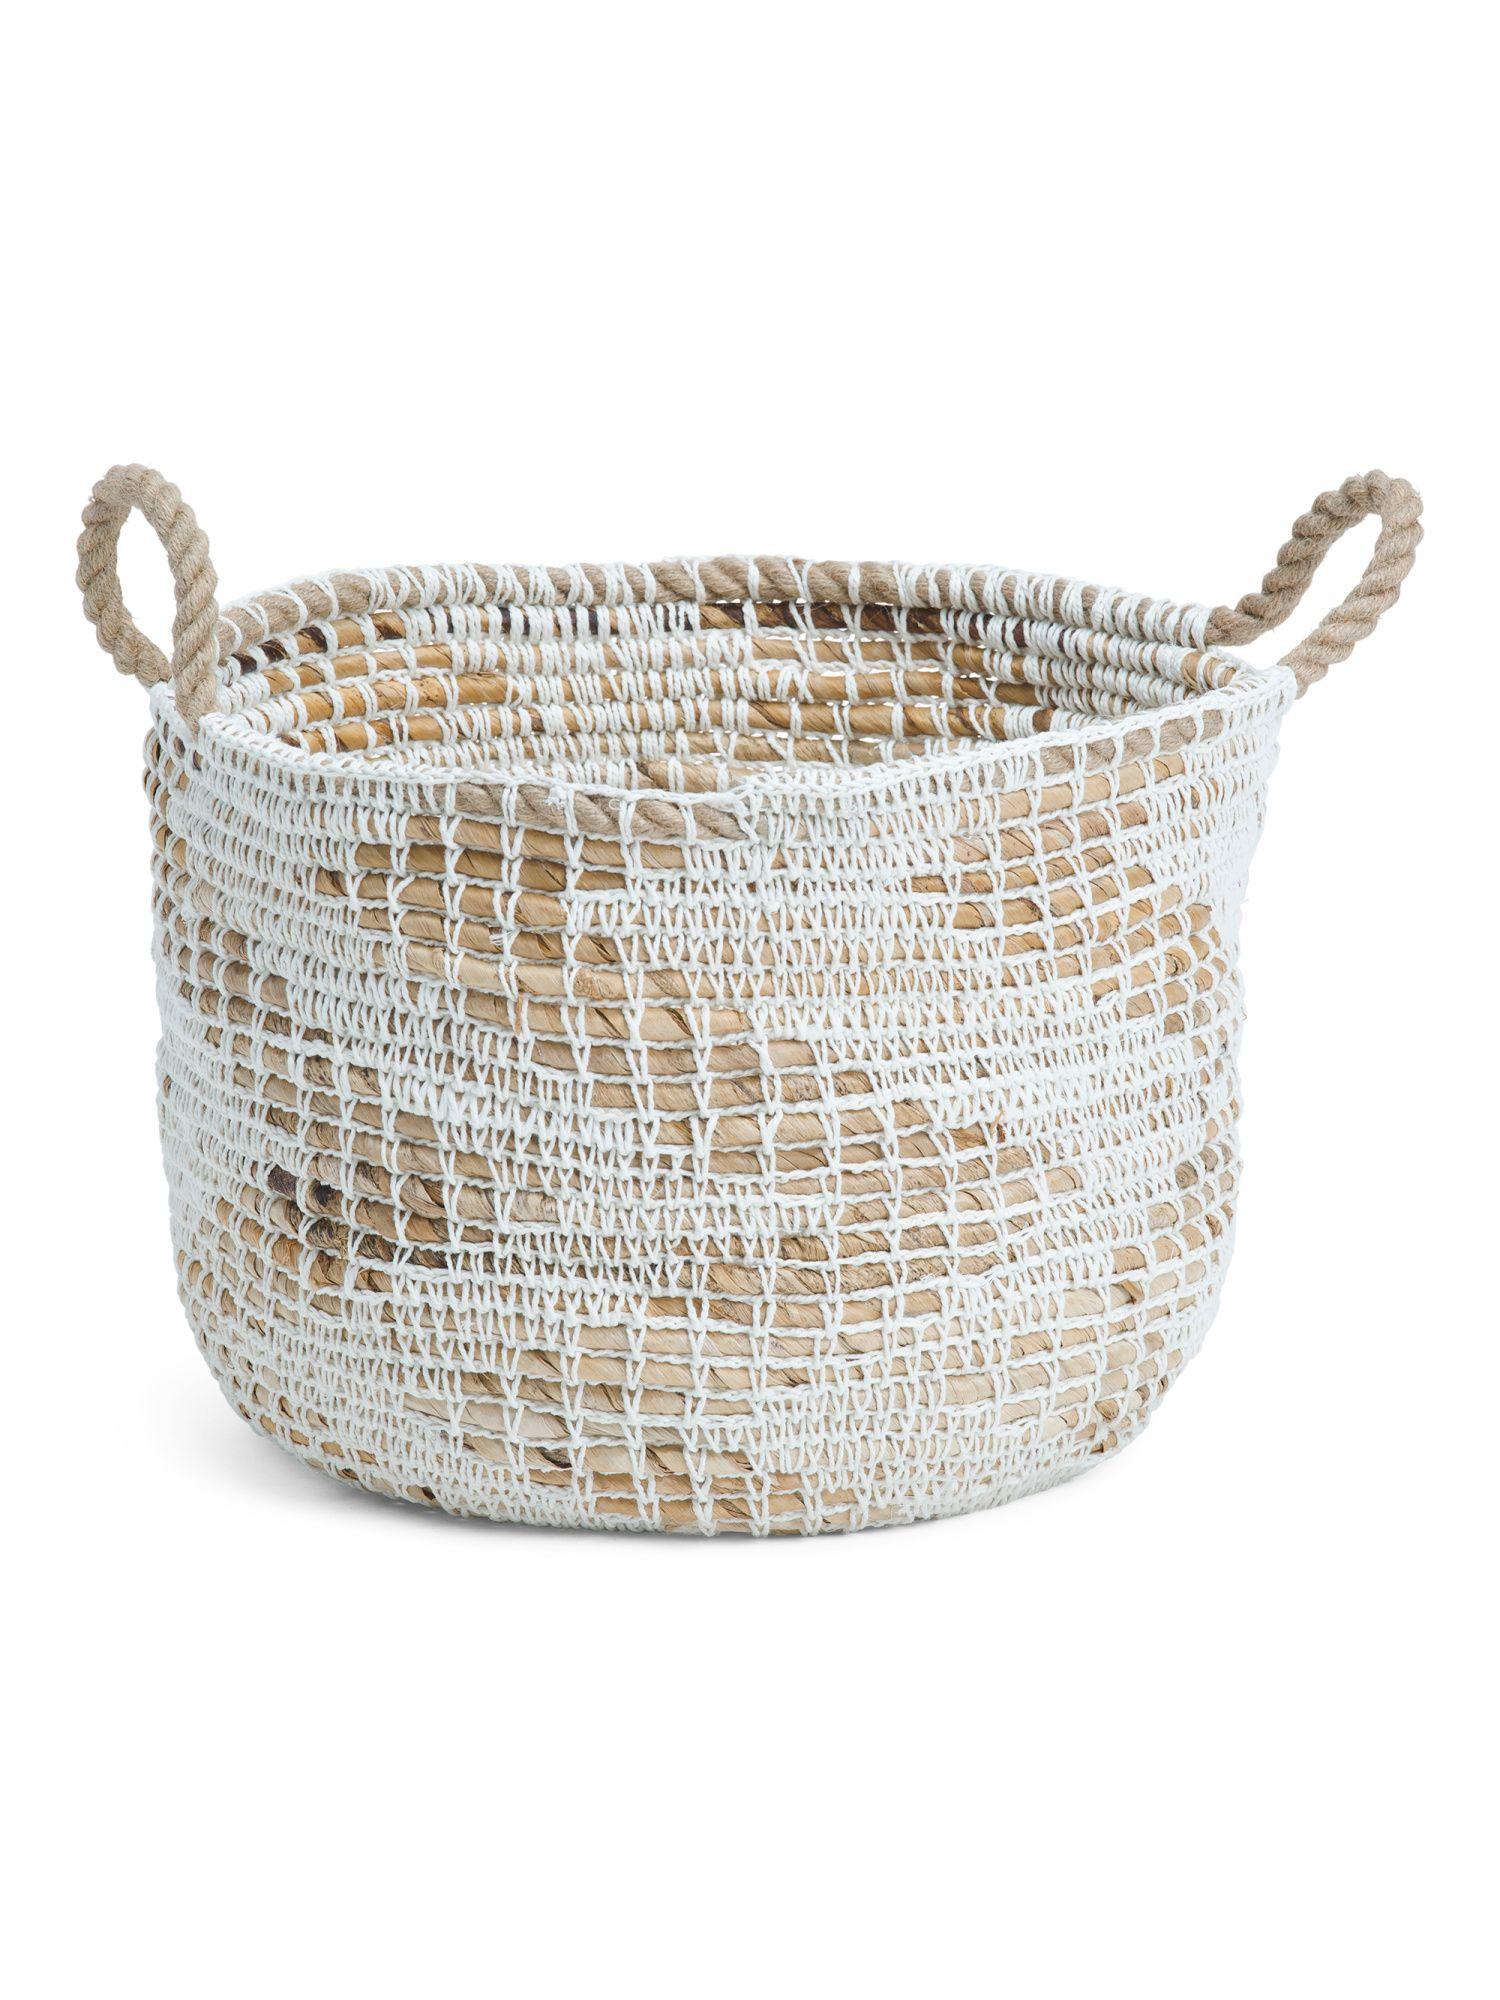 Made In Indonesia Medium Mixed Storage Basket Storage Baskets